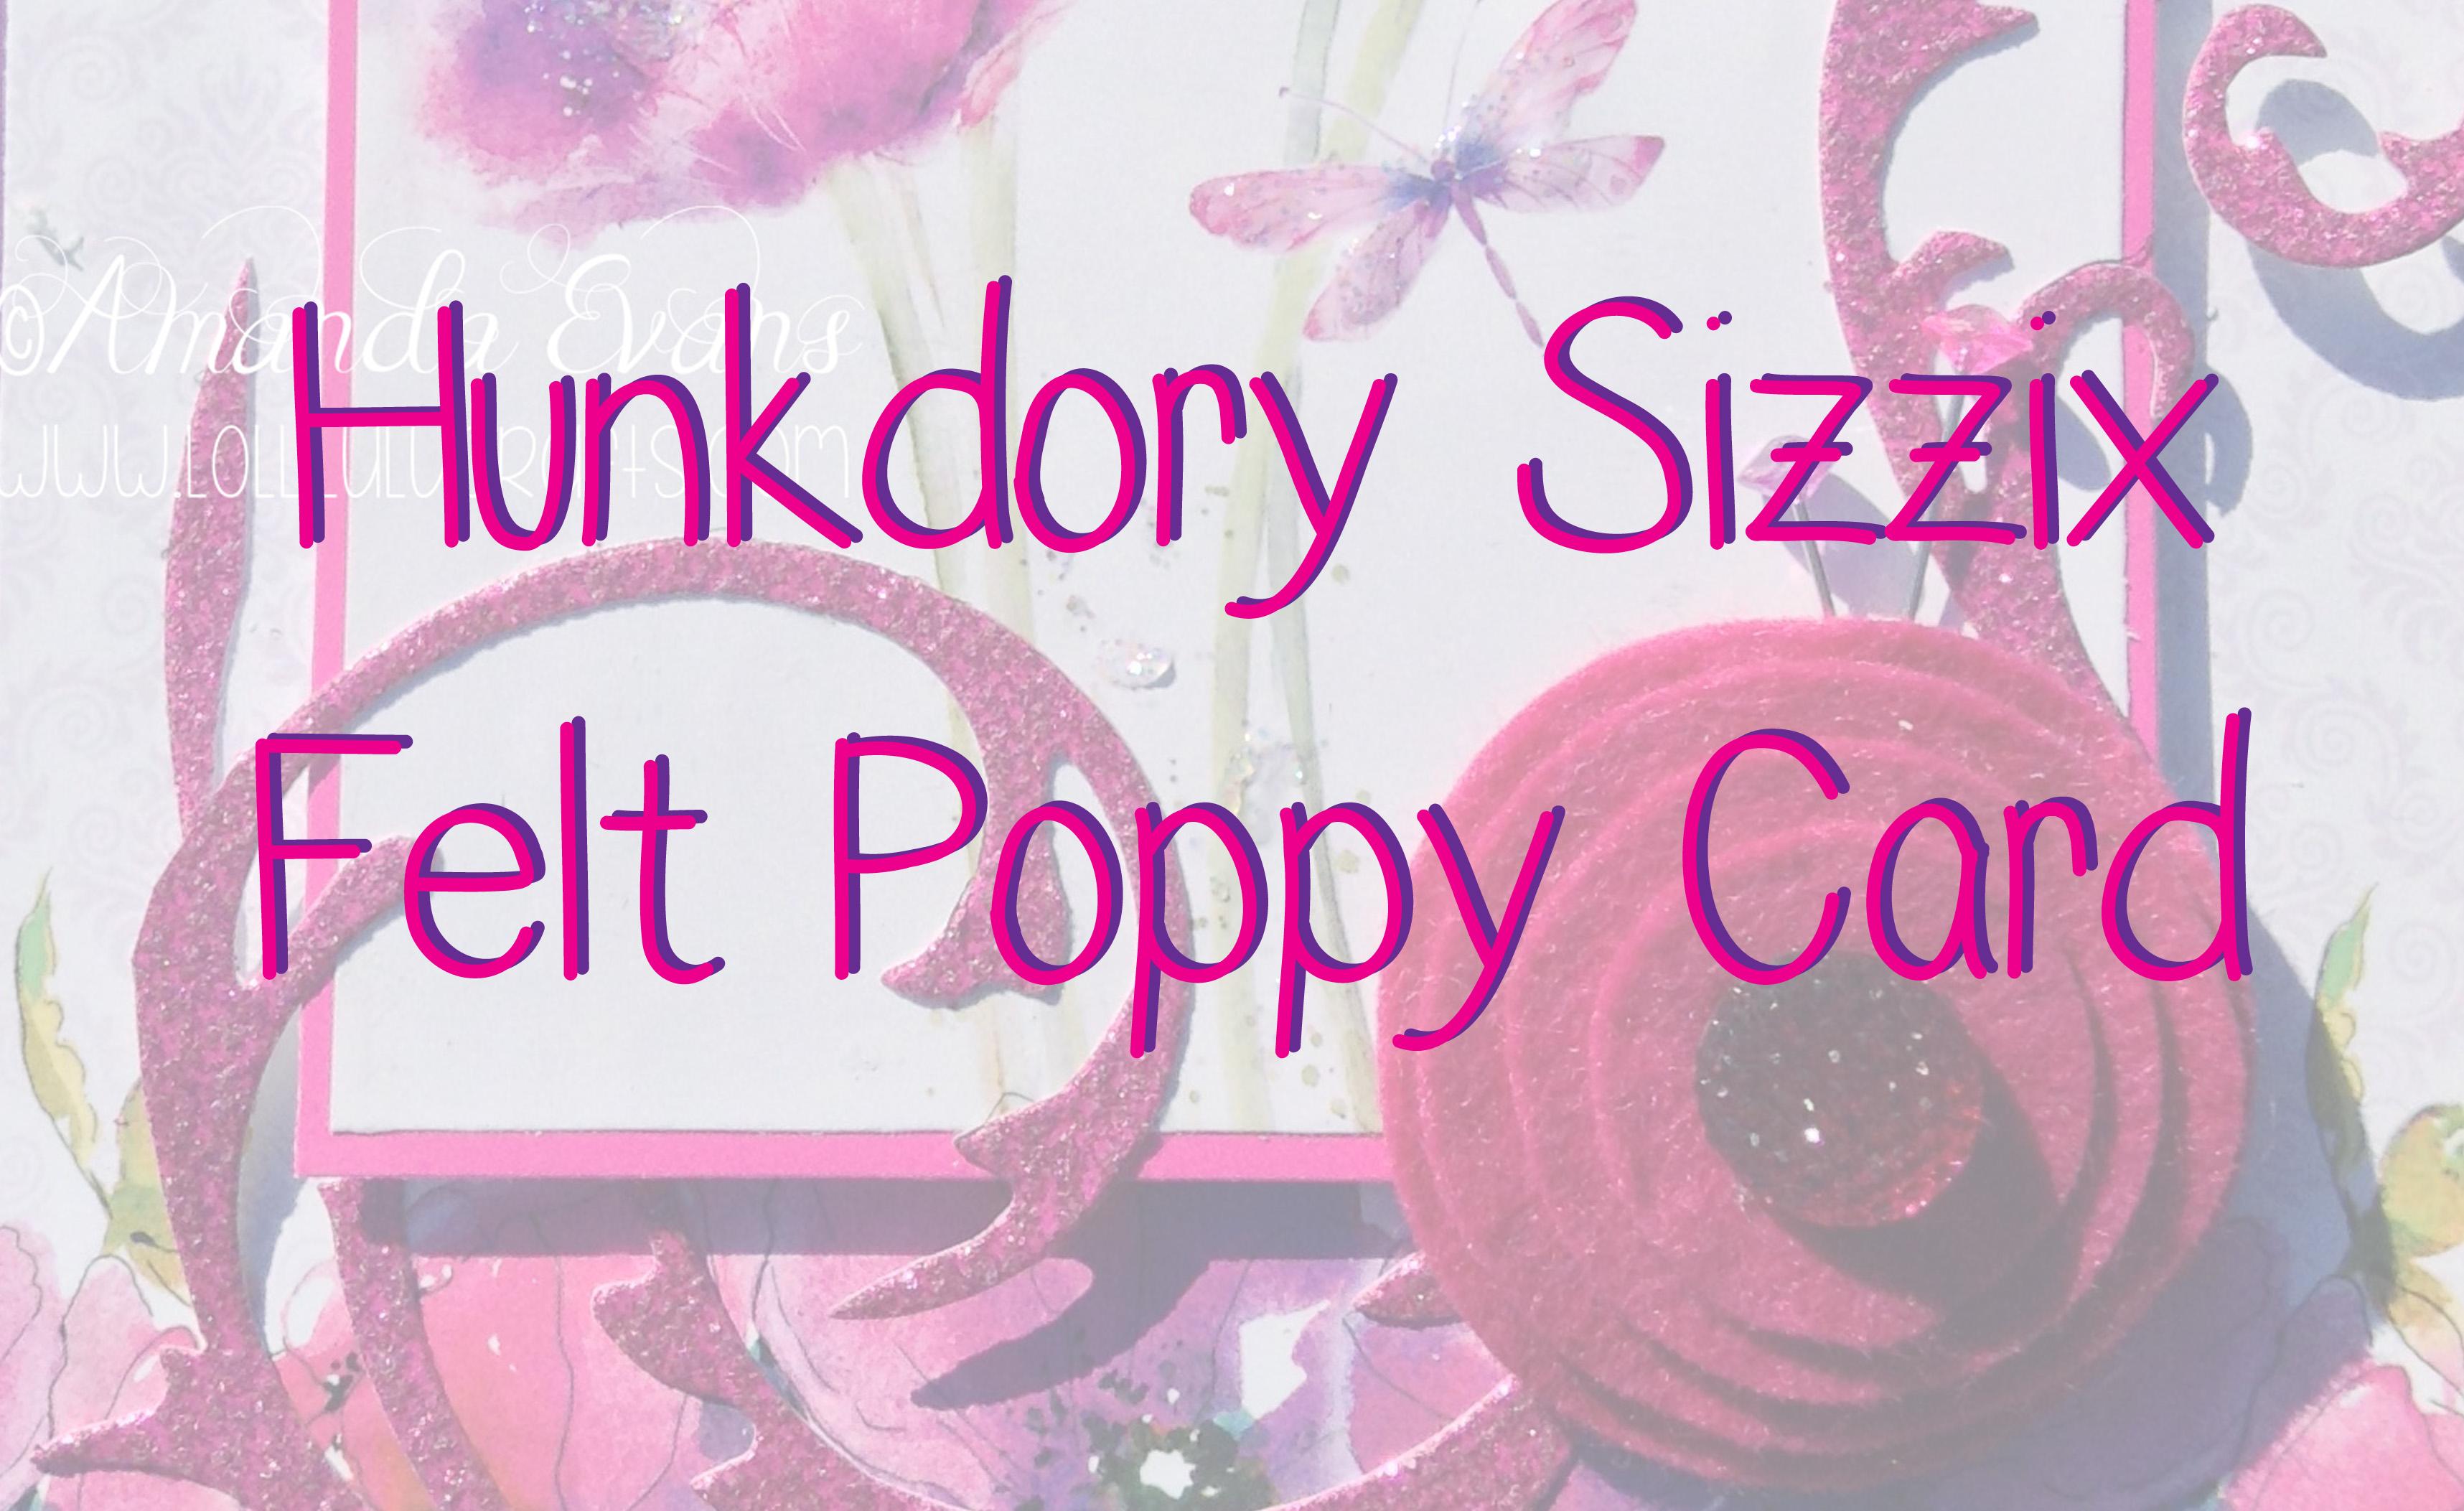 Sizzix felt poppy